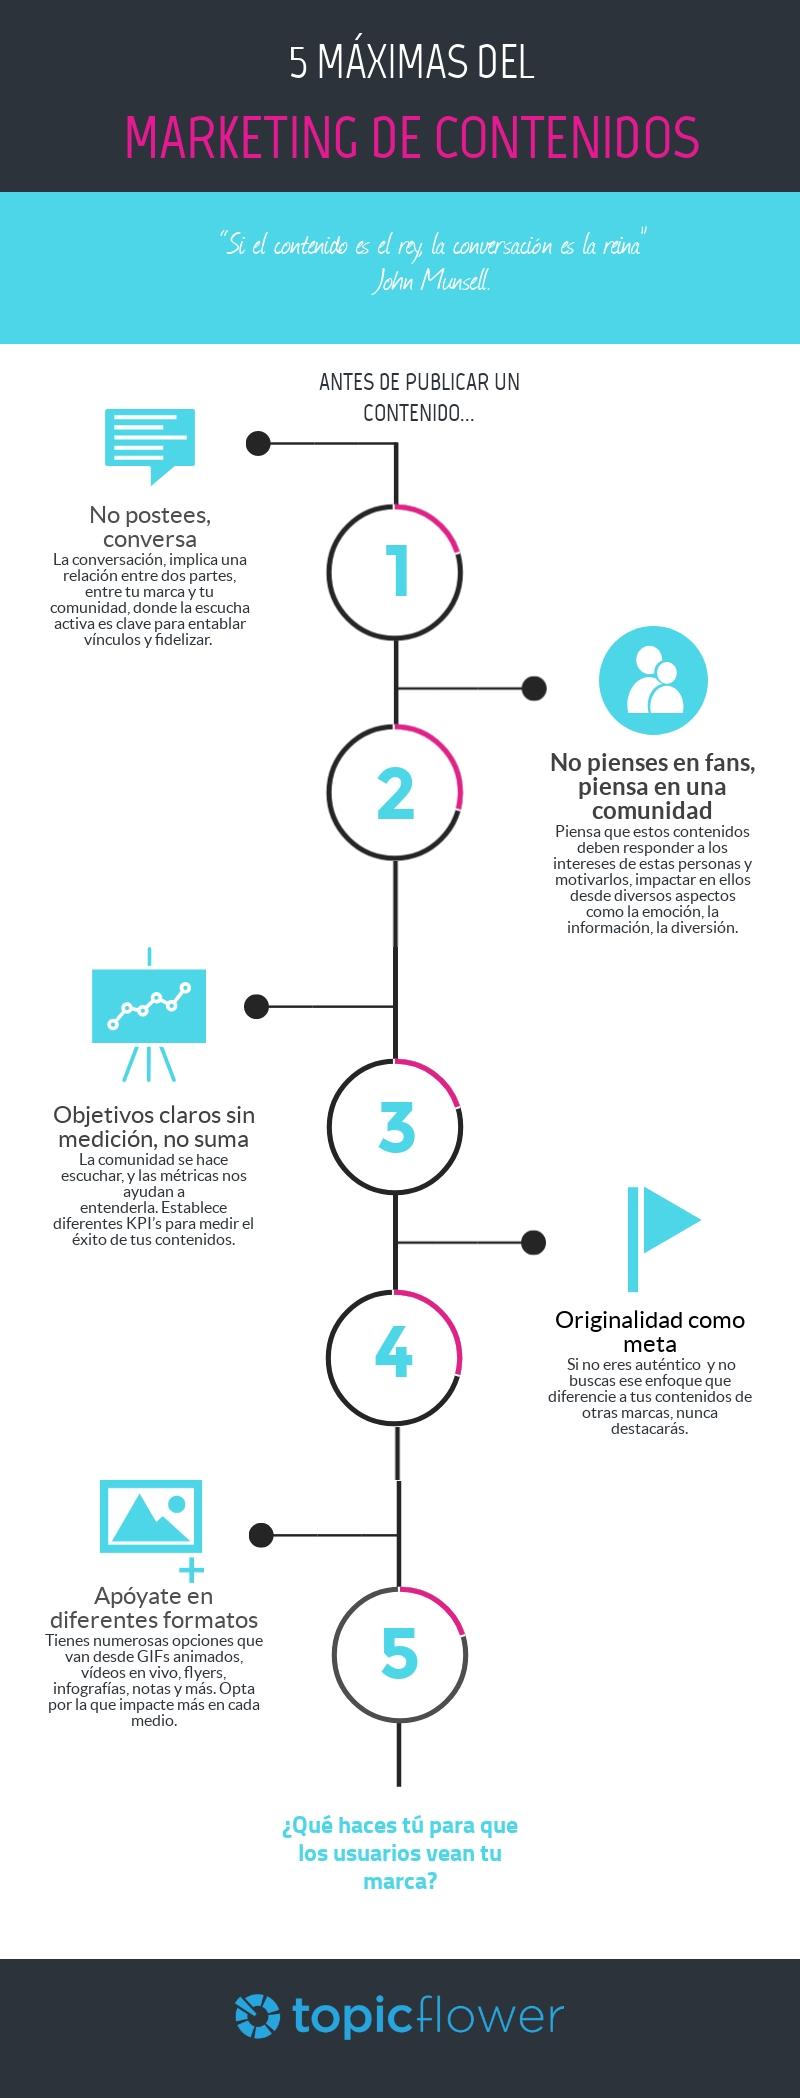 5 máximas del Marketing de Contenidos